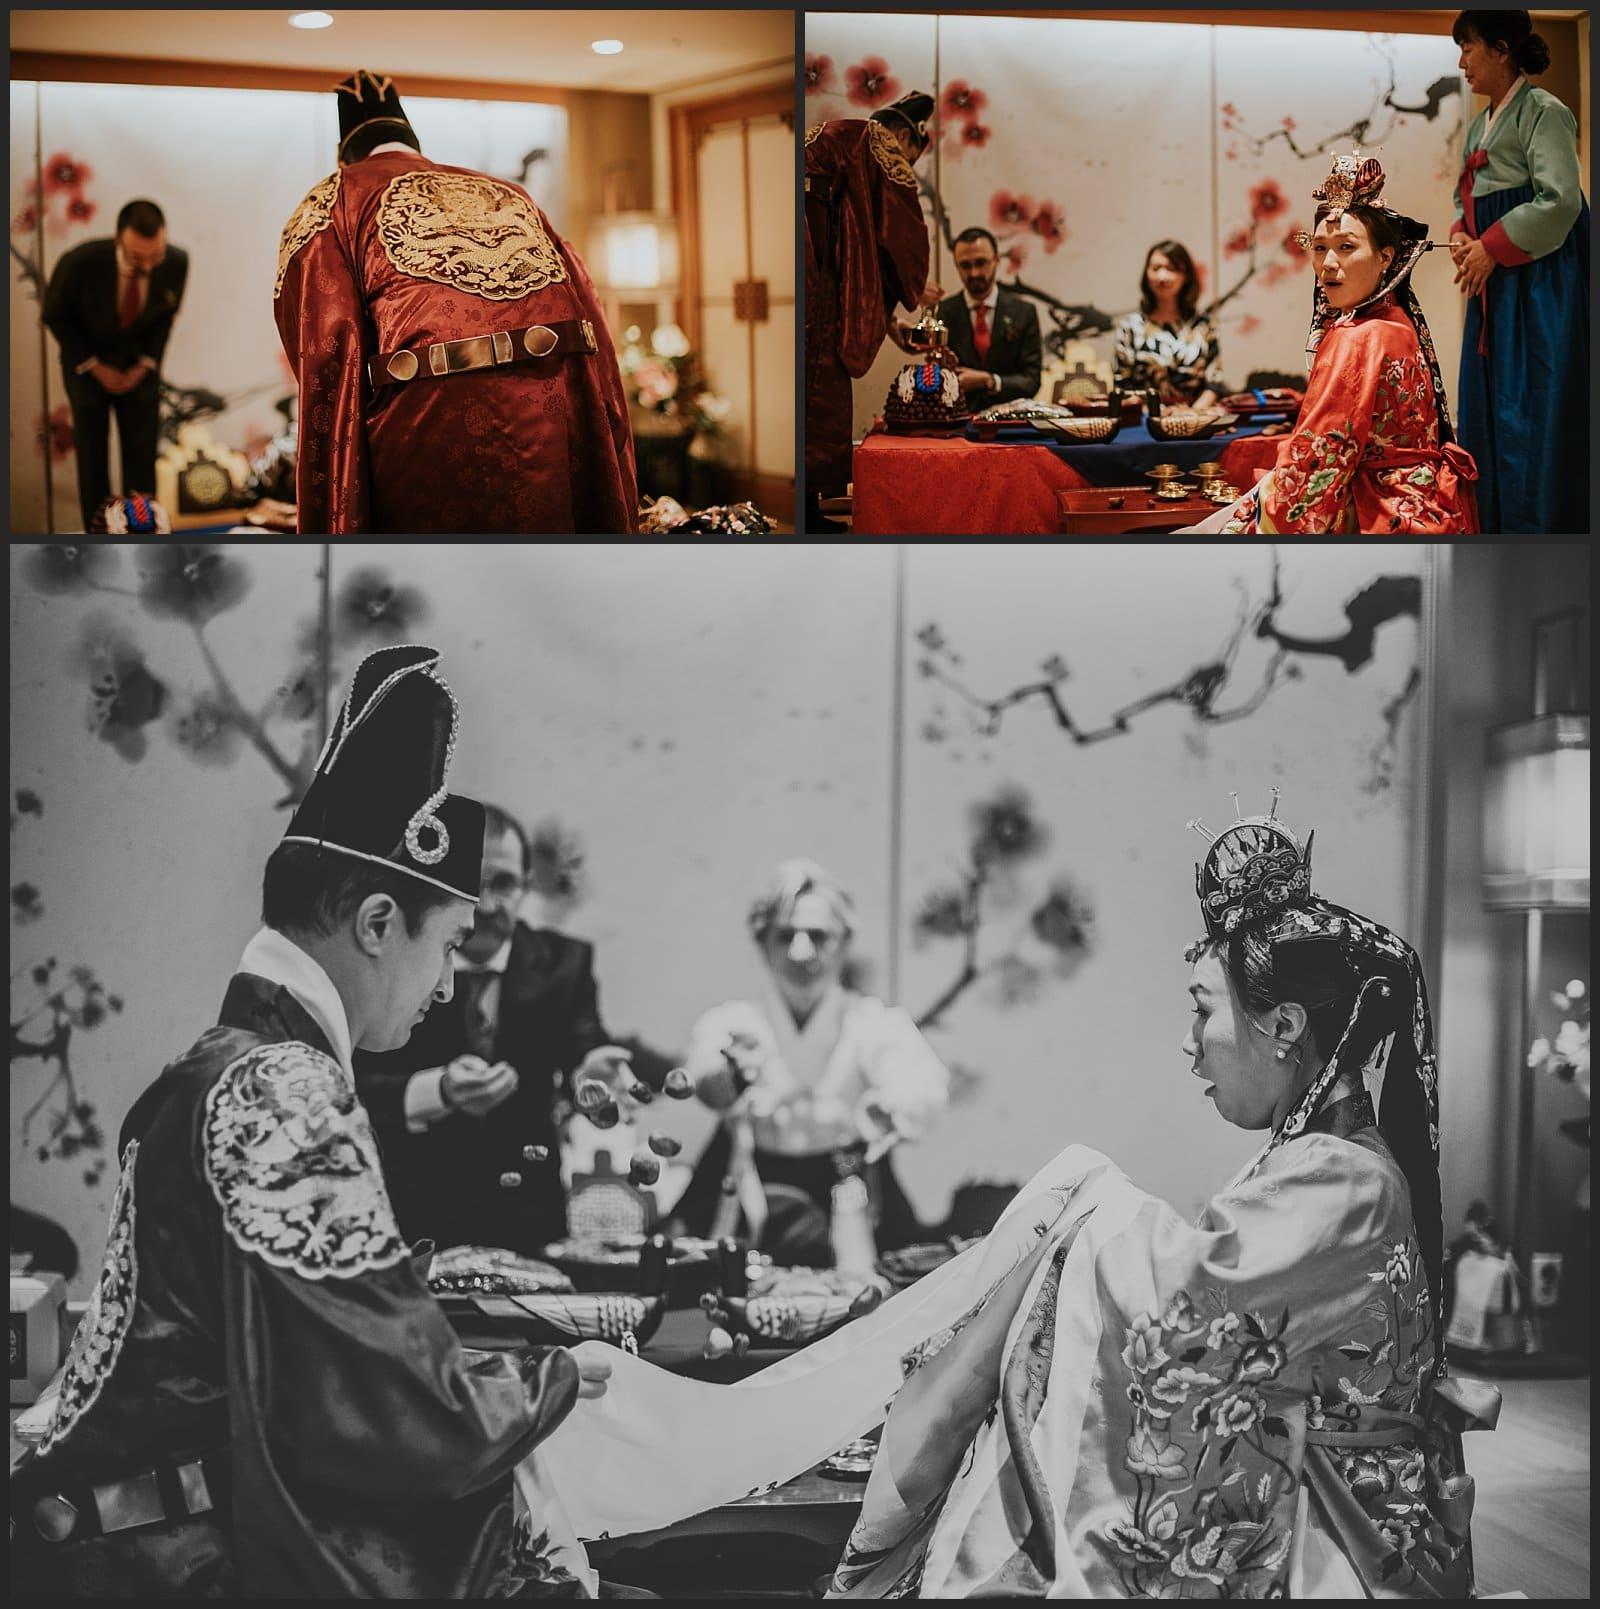 cérémonie traditionnelle coréenne, jeter de marron, photographe vivien malagnat